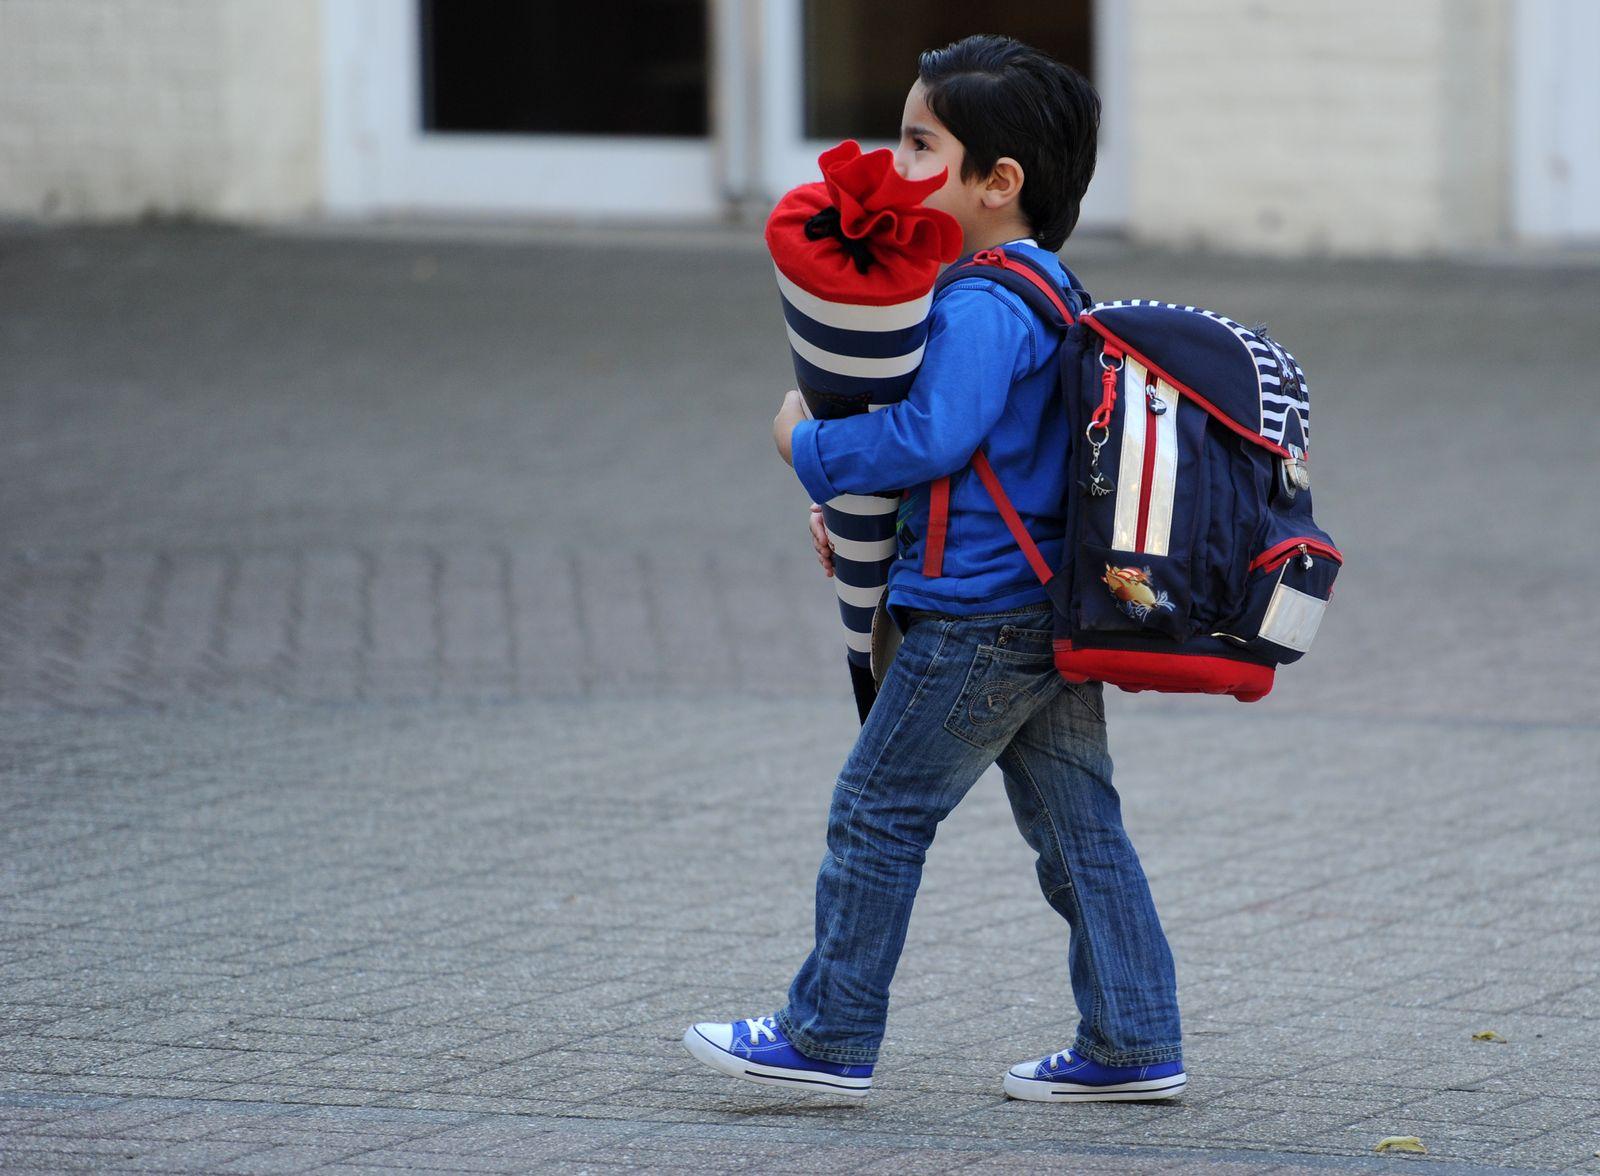 Flüchtlingskinder an Schulen